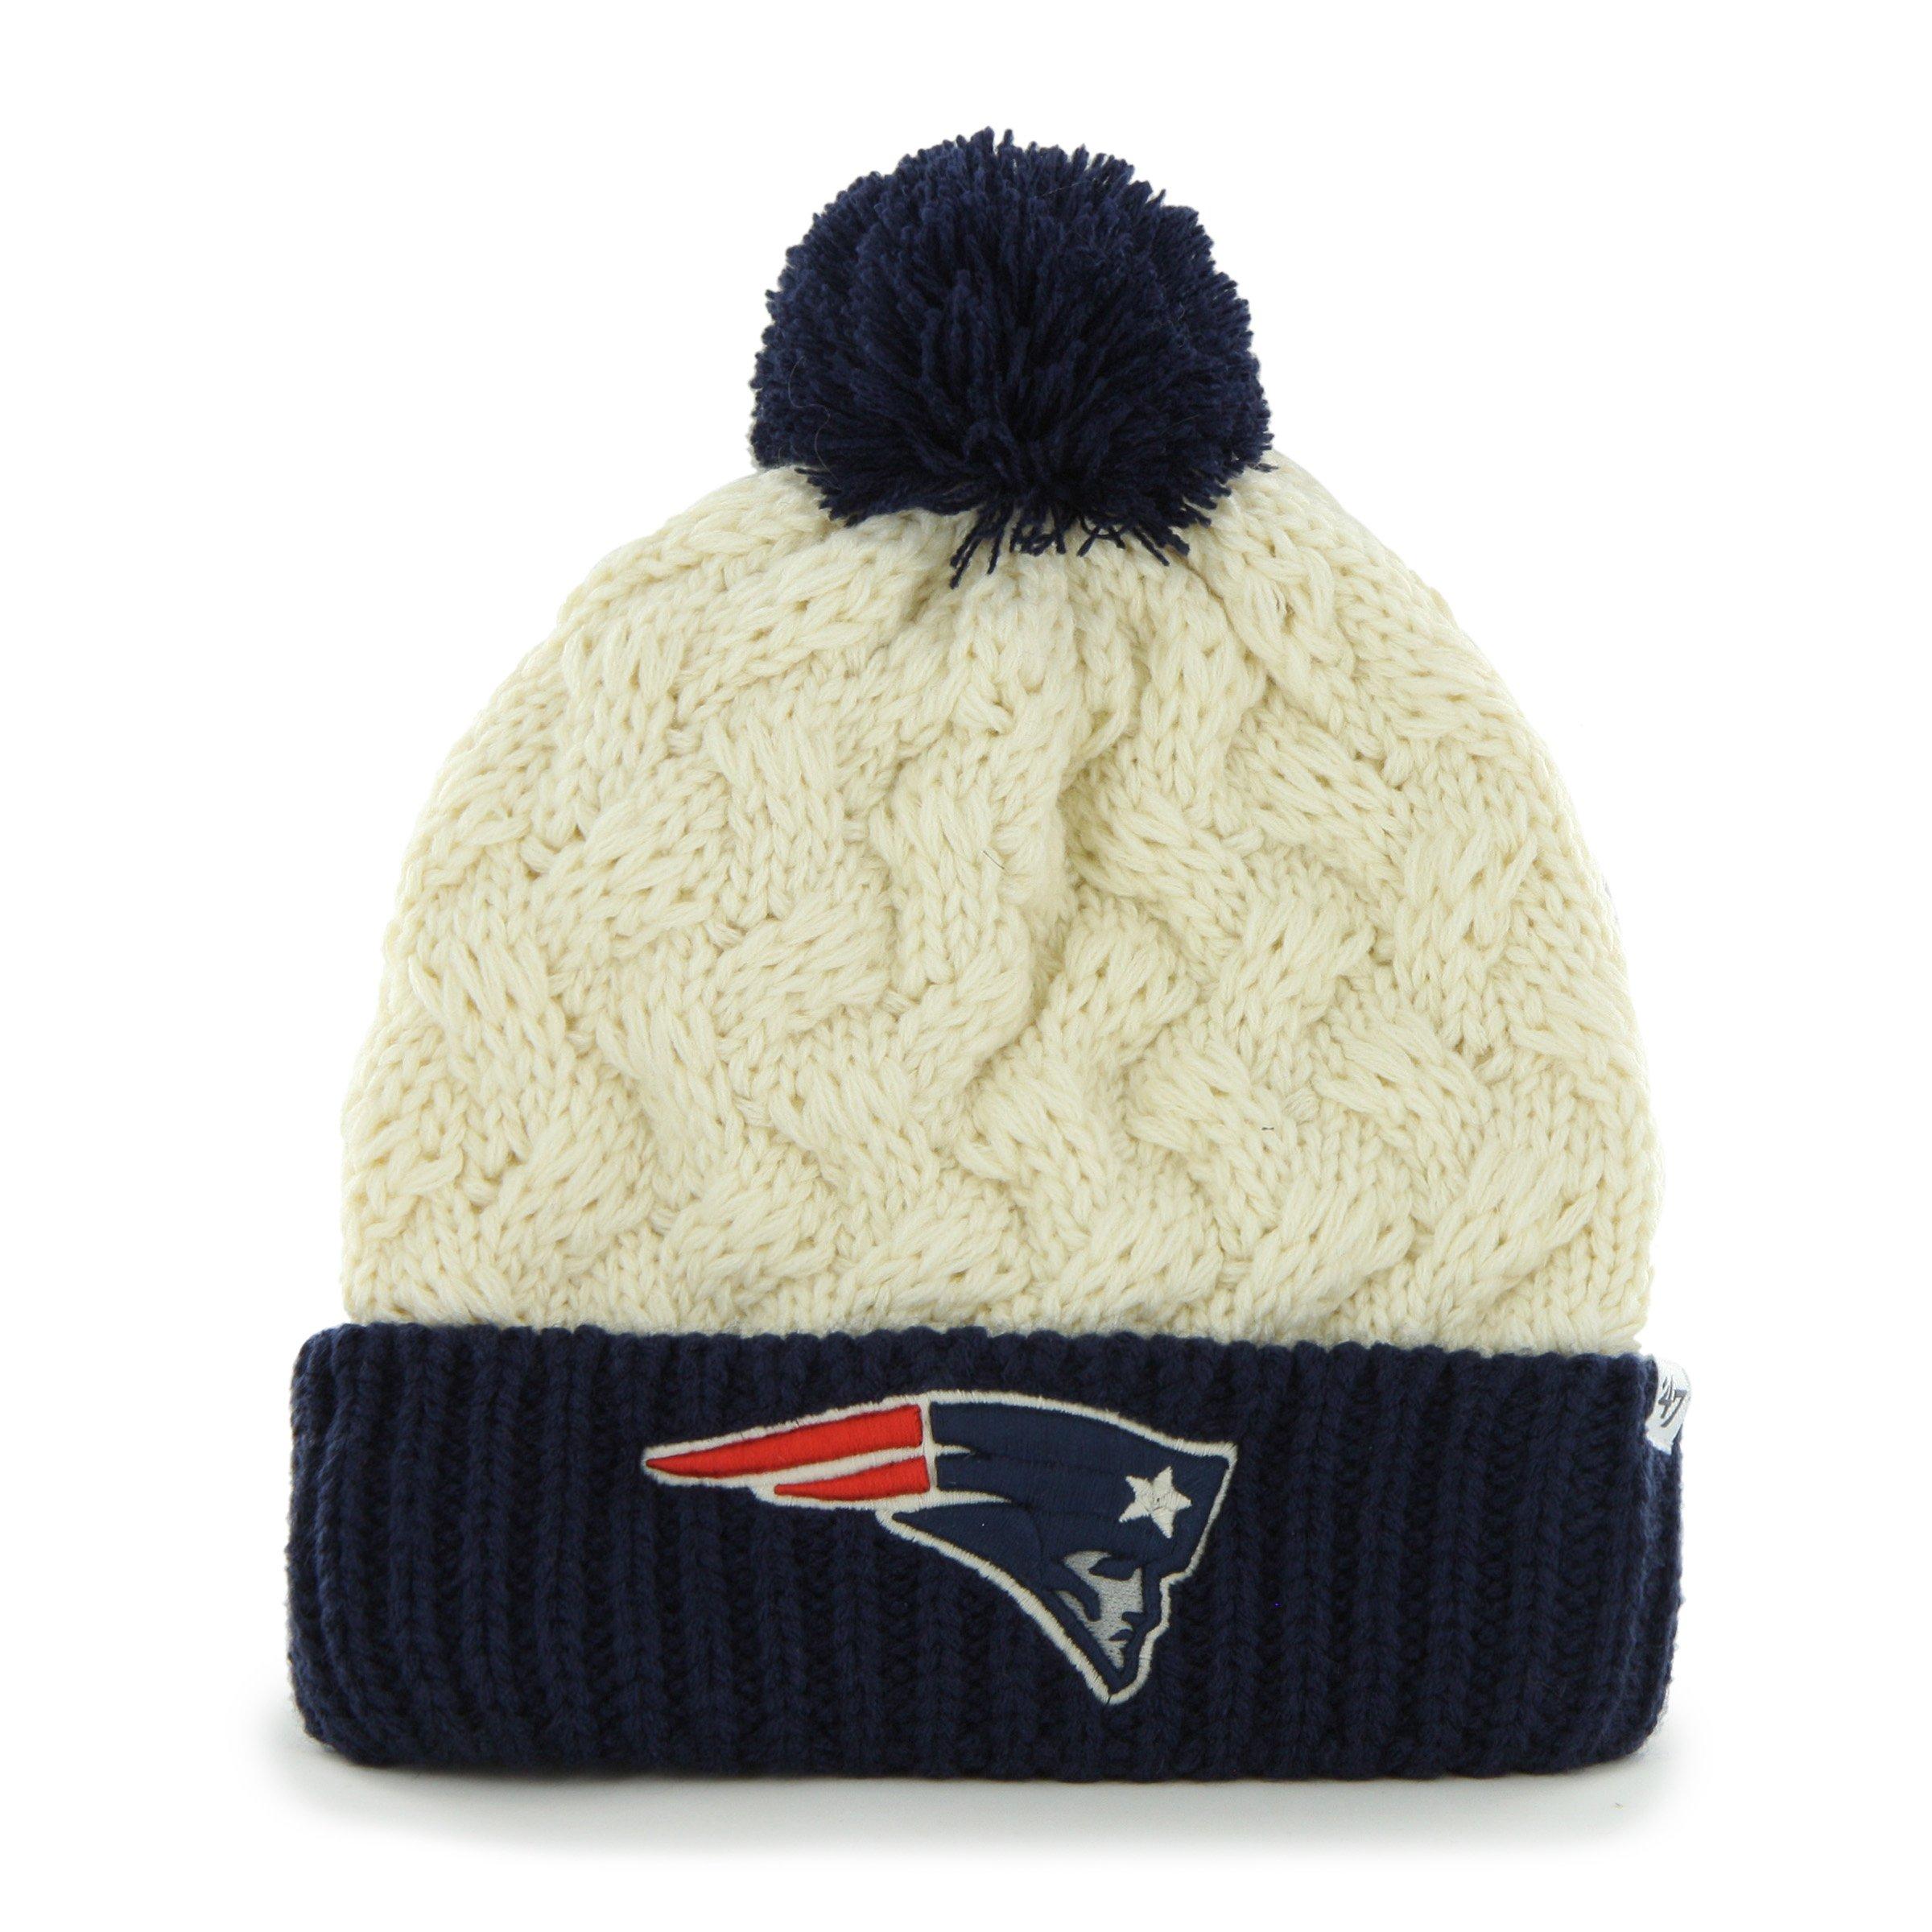 '47 NFL New England Patriots Women's Matterhorn Cuff Knit Hat, One Size, Natural